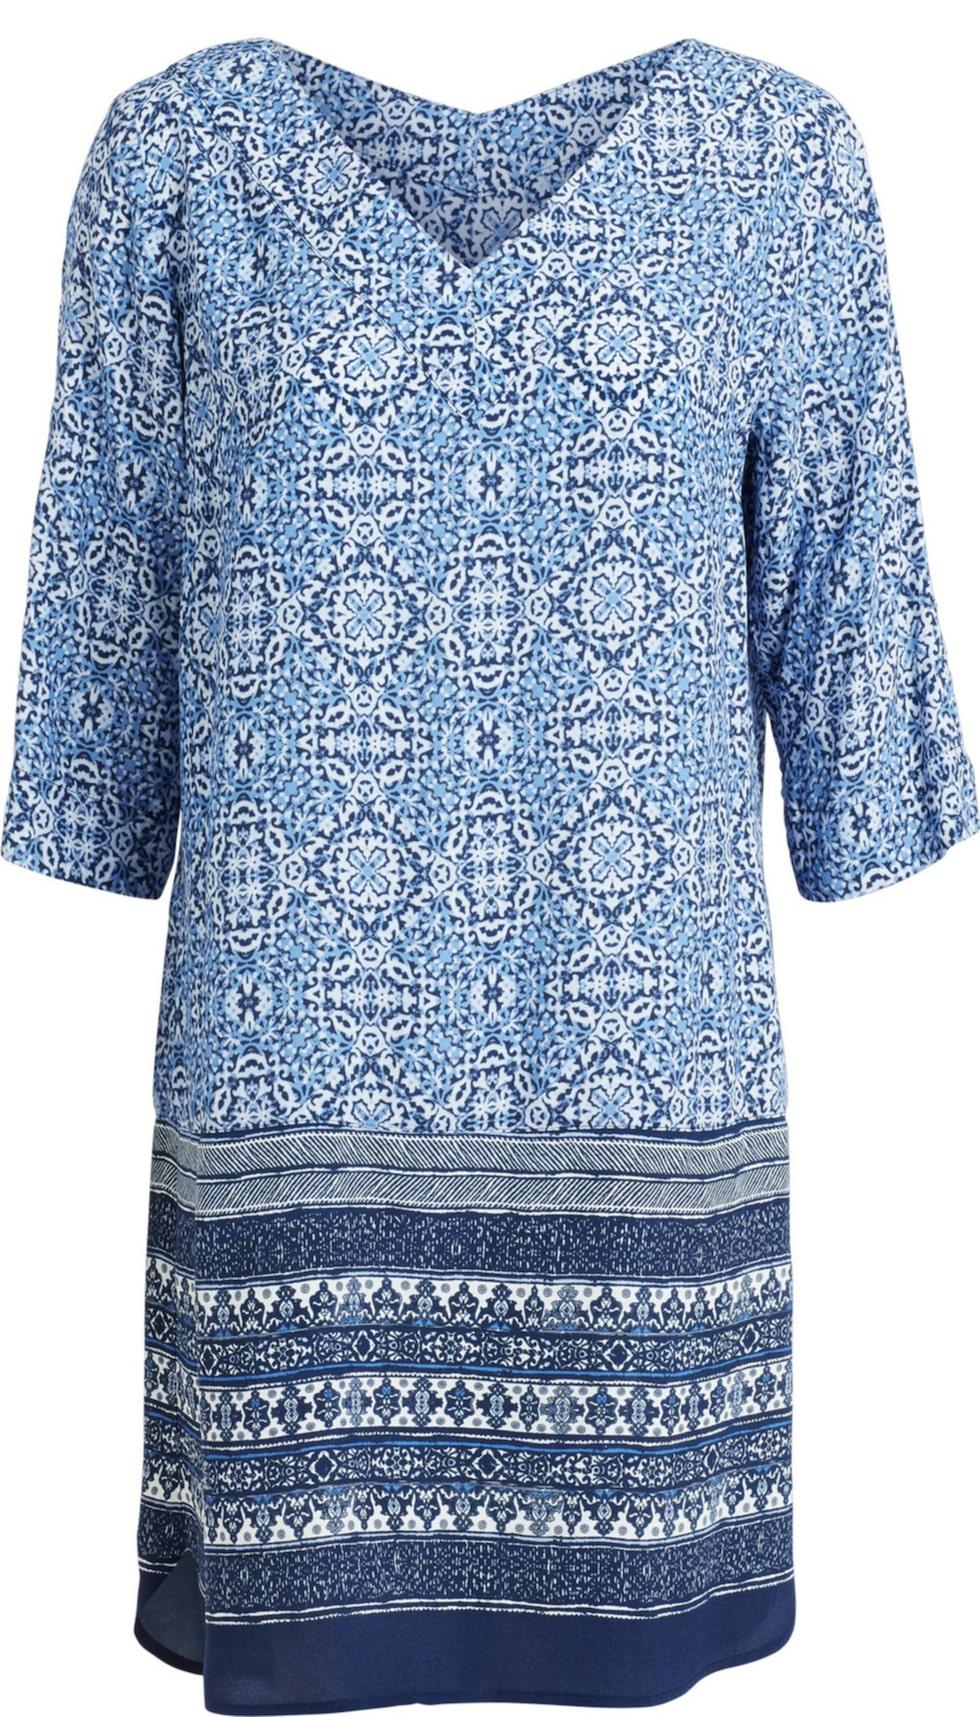 Rymlig. Dra uppmärksamheten till mönstret. Blå, mönstrad klänning i rymlig modell gör jobbet. I viskos. 399 kronor, Kappahl.com.